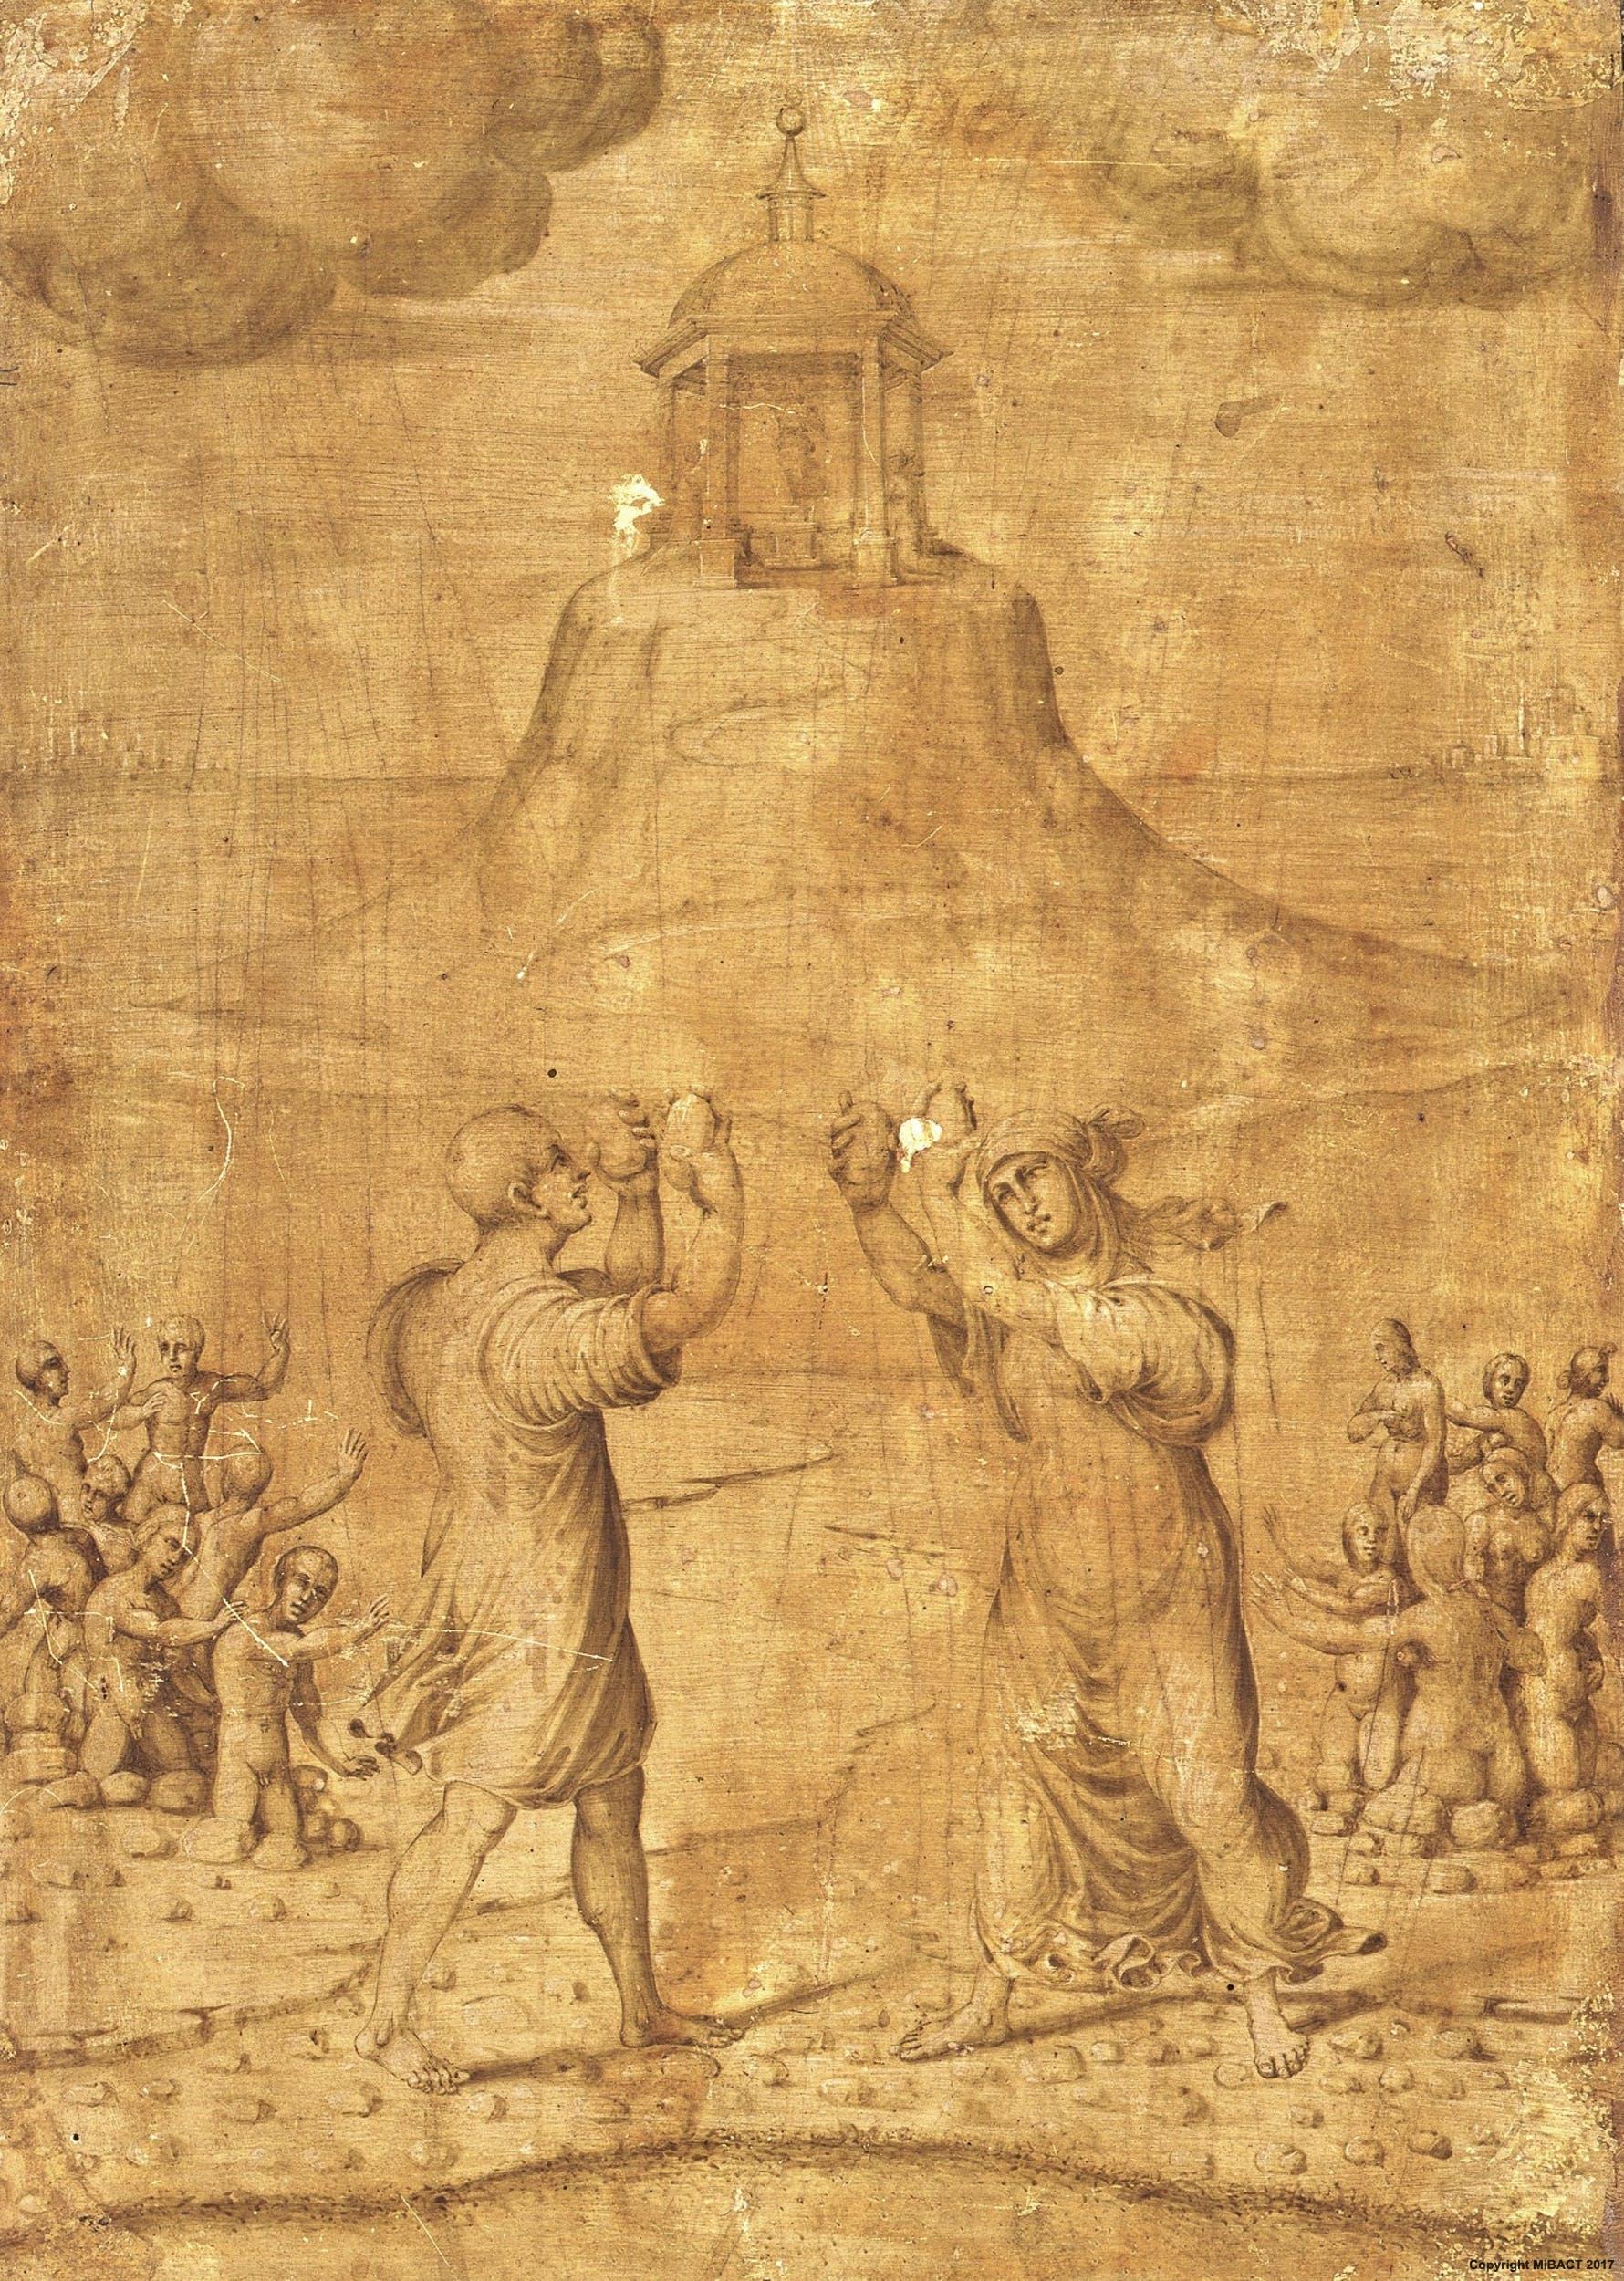 Maestro di Serumido (attribuito), Deucalione e Pirra ripopolano la terra, recto del ritratto di Maddalena Strozzi